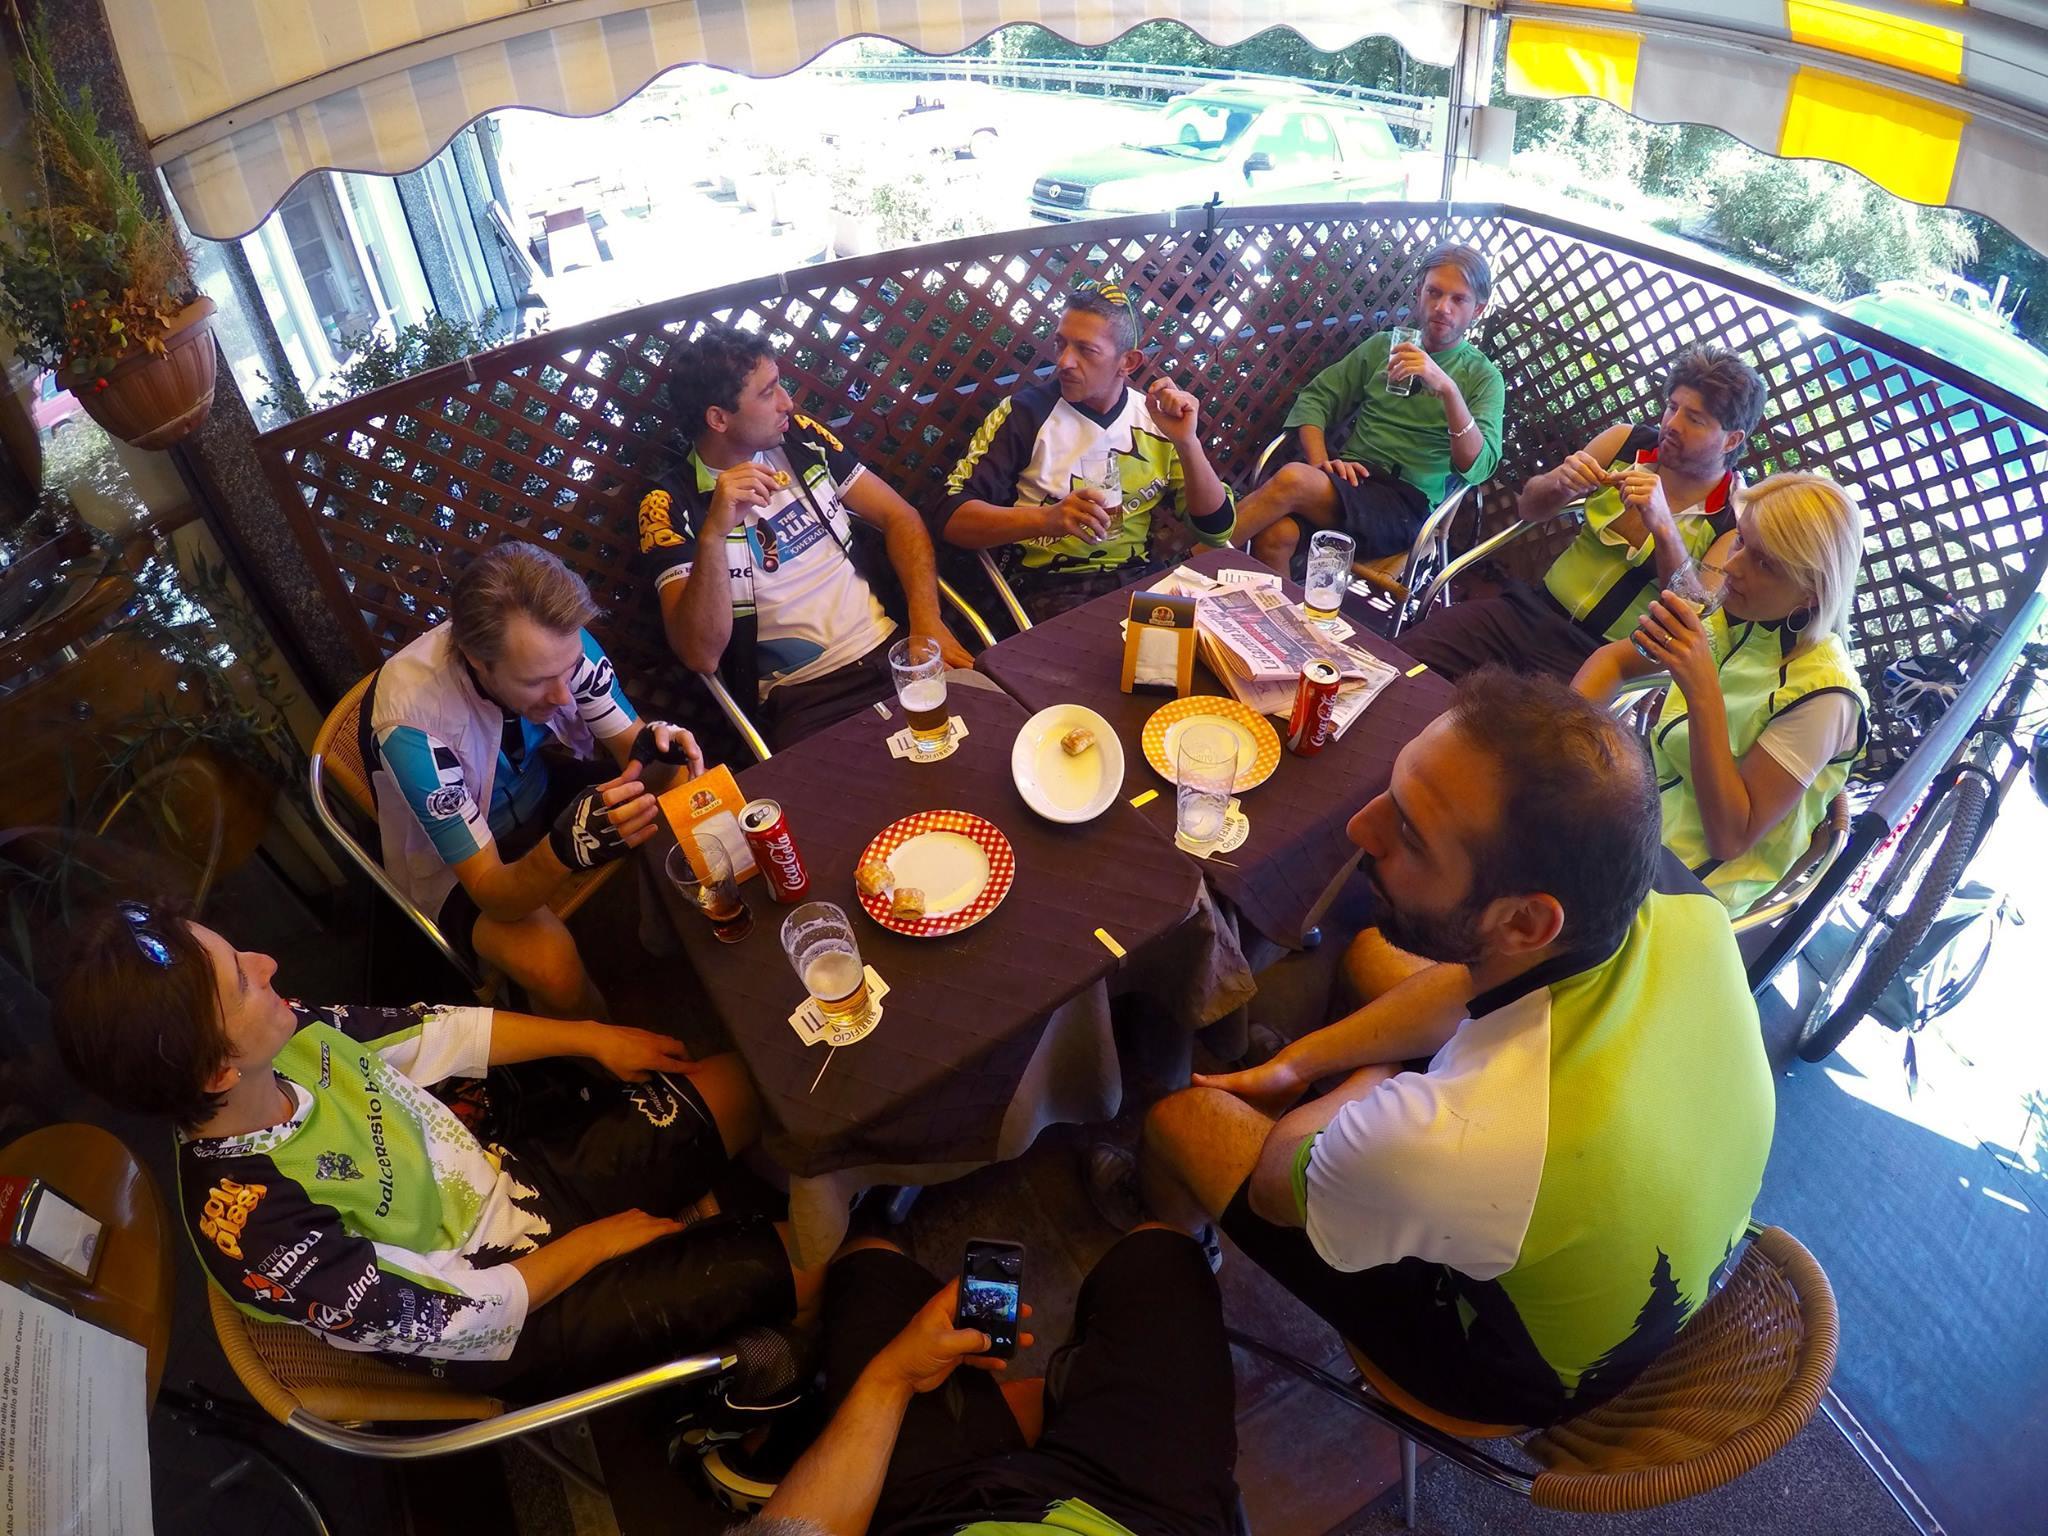 Non solo bici ma anche  tanti momenti passati attorno alla tavola... Dopo una bella pedalata però!